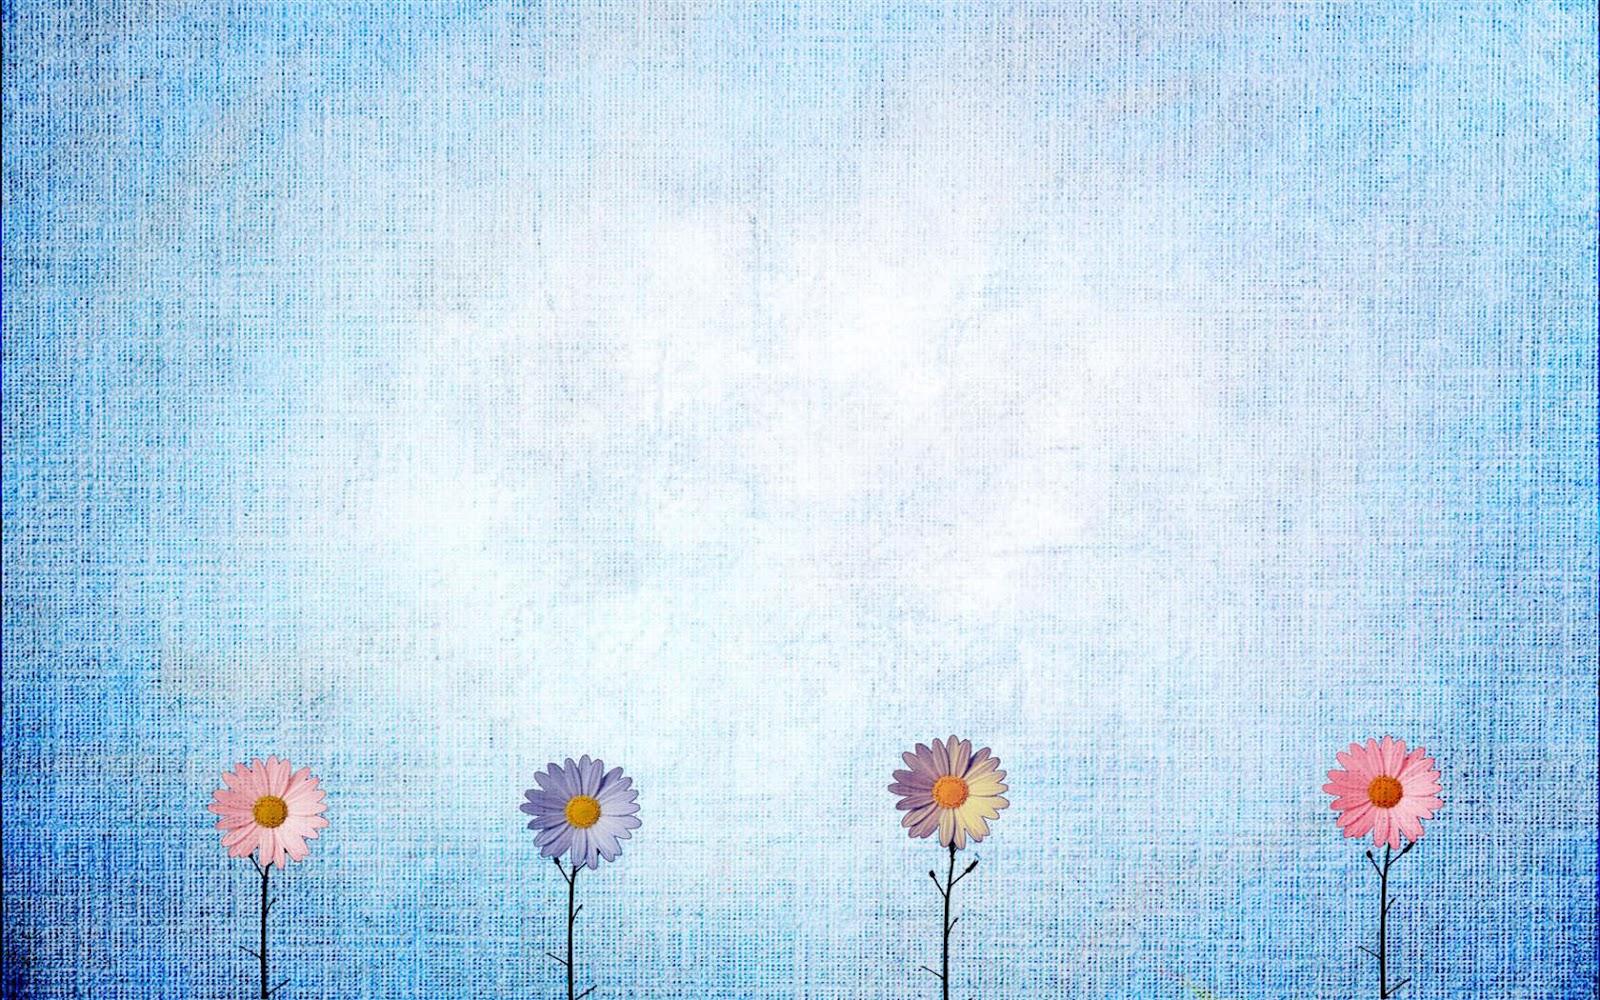 Punchytumblr backgrounds 1680x1050 by ibjennyjenny 2